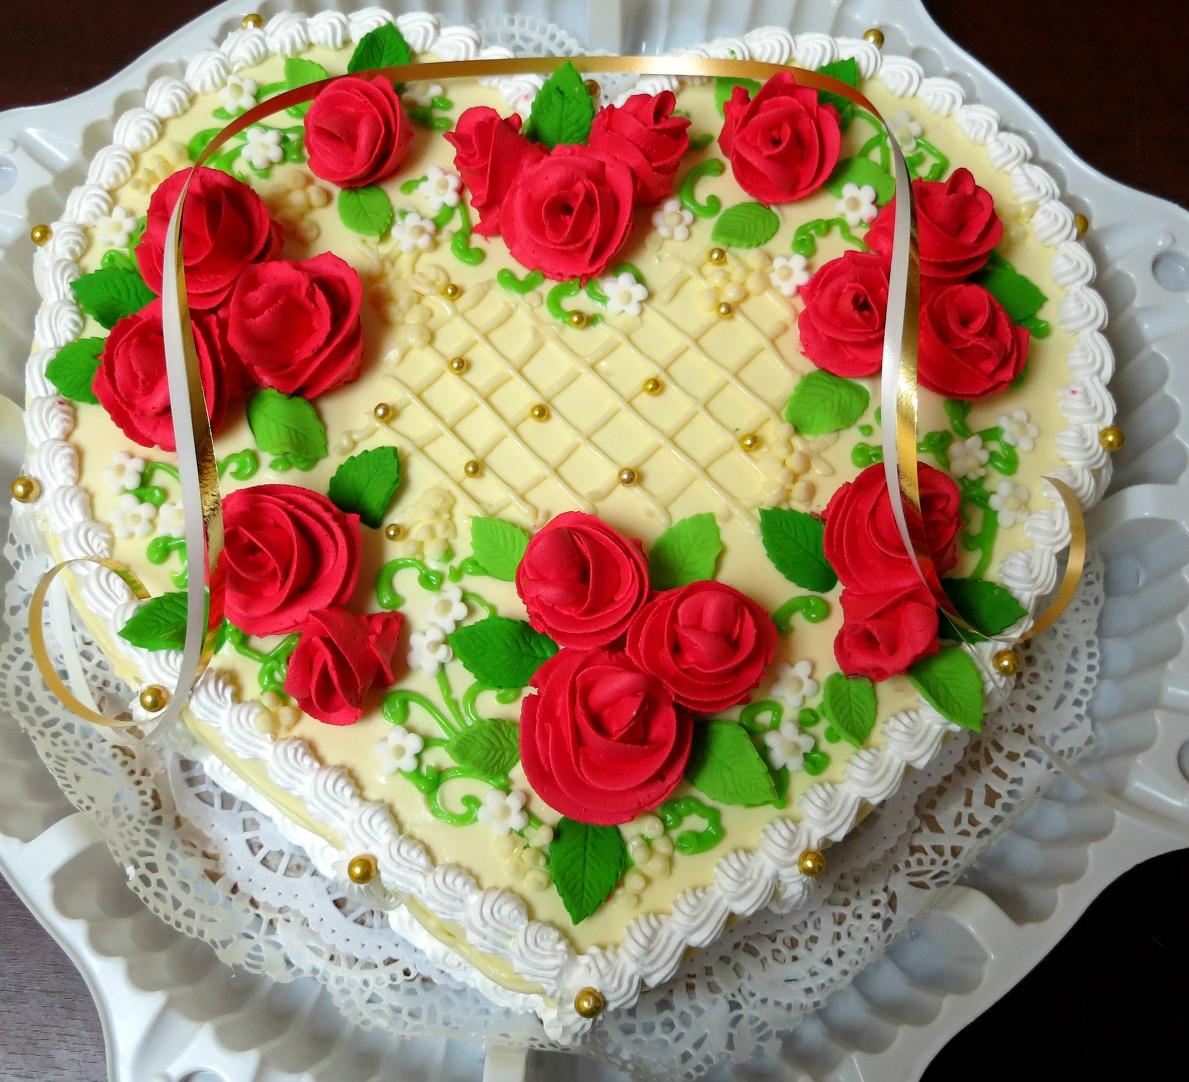 специально для торты масляные на день рождения фото для рассады арбуза